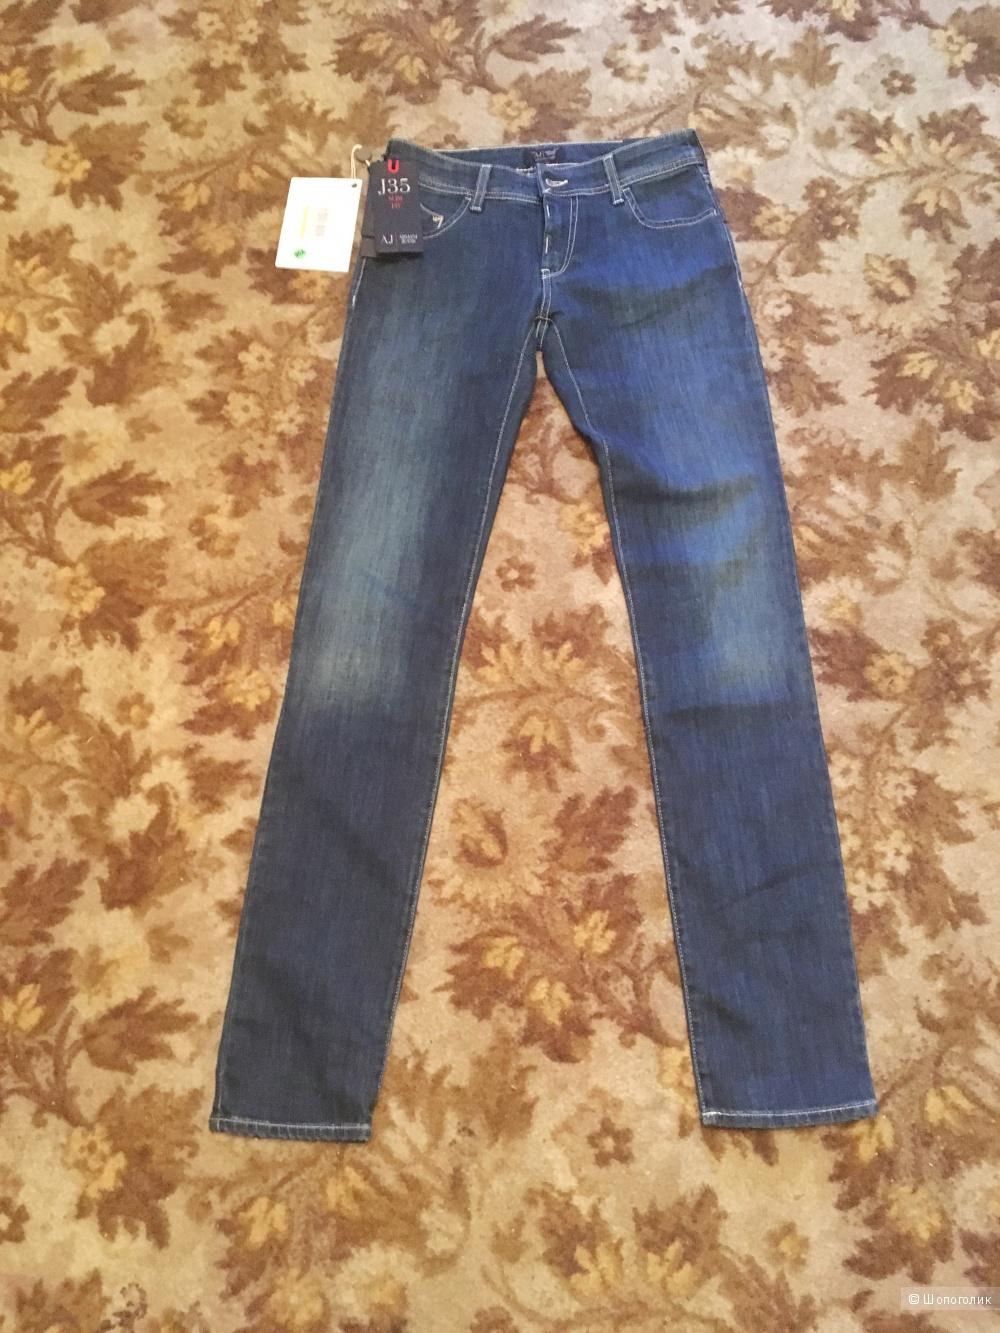 43642a40de13 Armani Jeans джинсы новые Армани 24 размер, в магазине YOOX — на ...